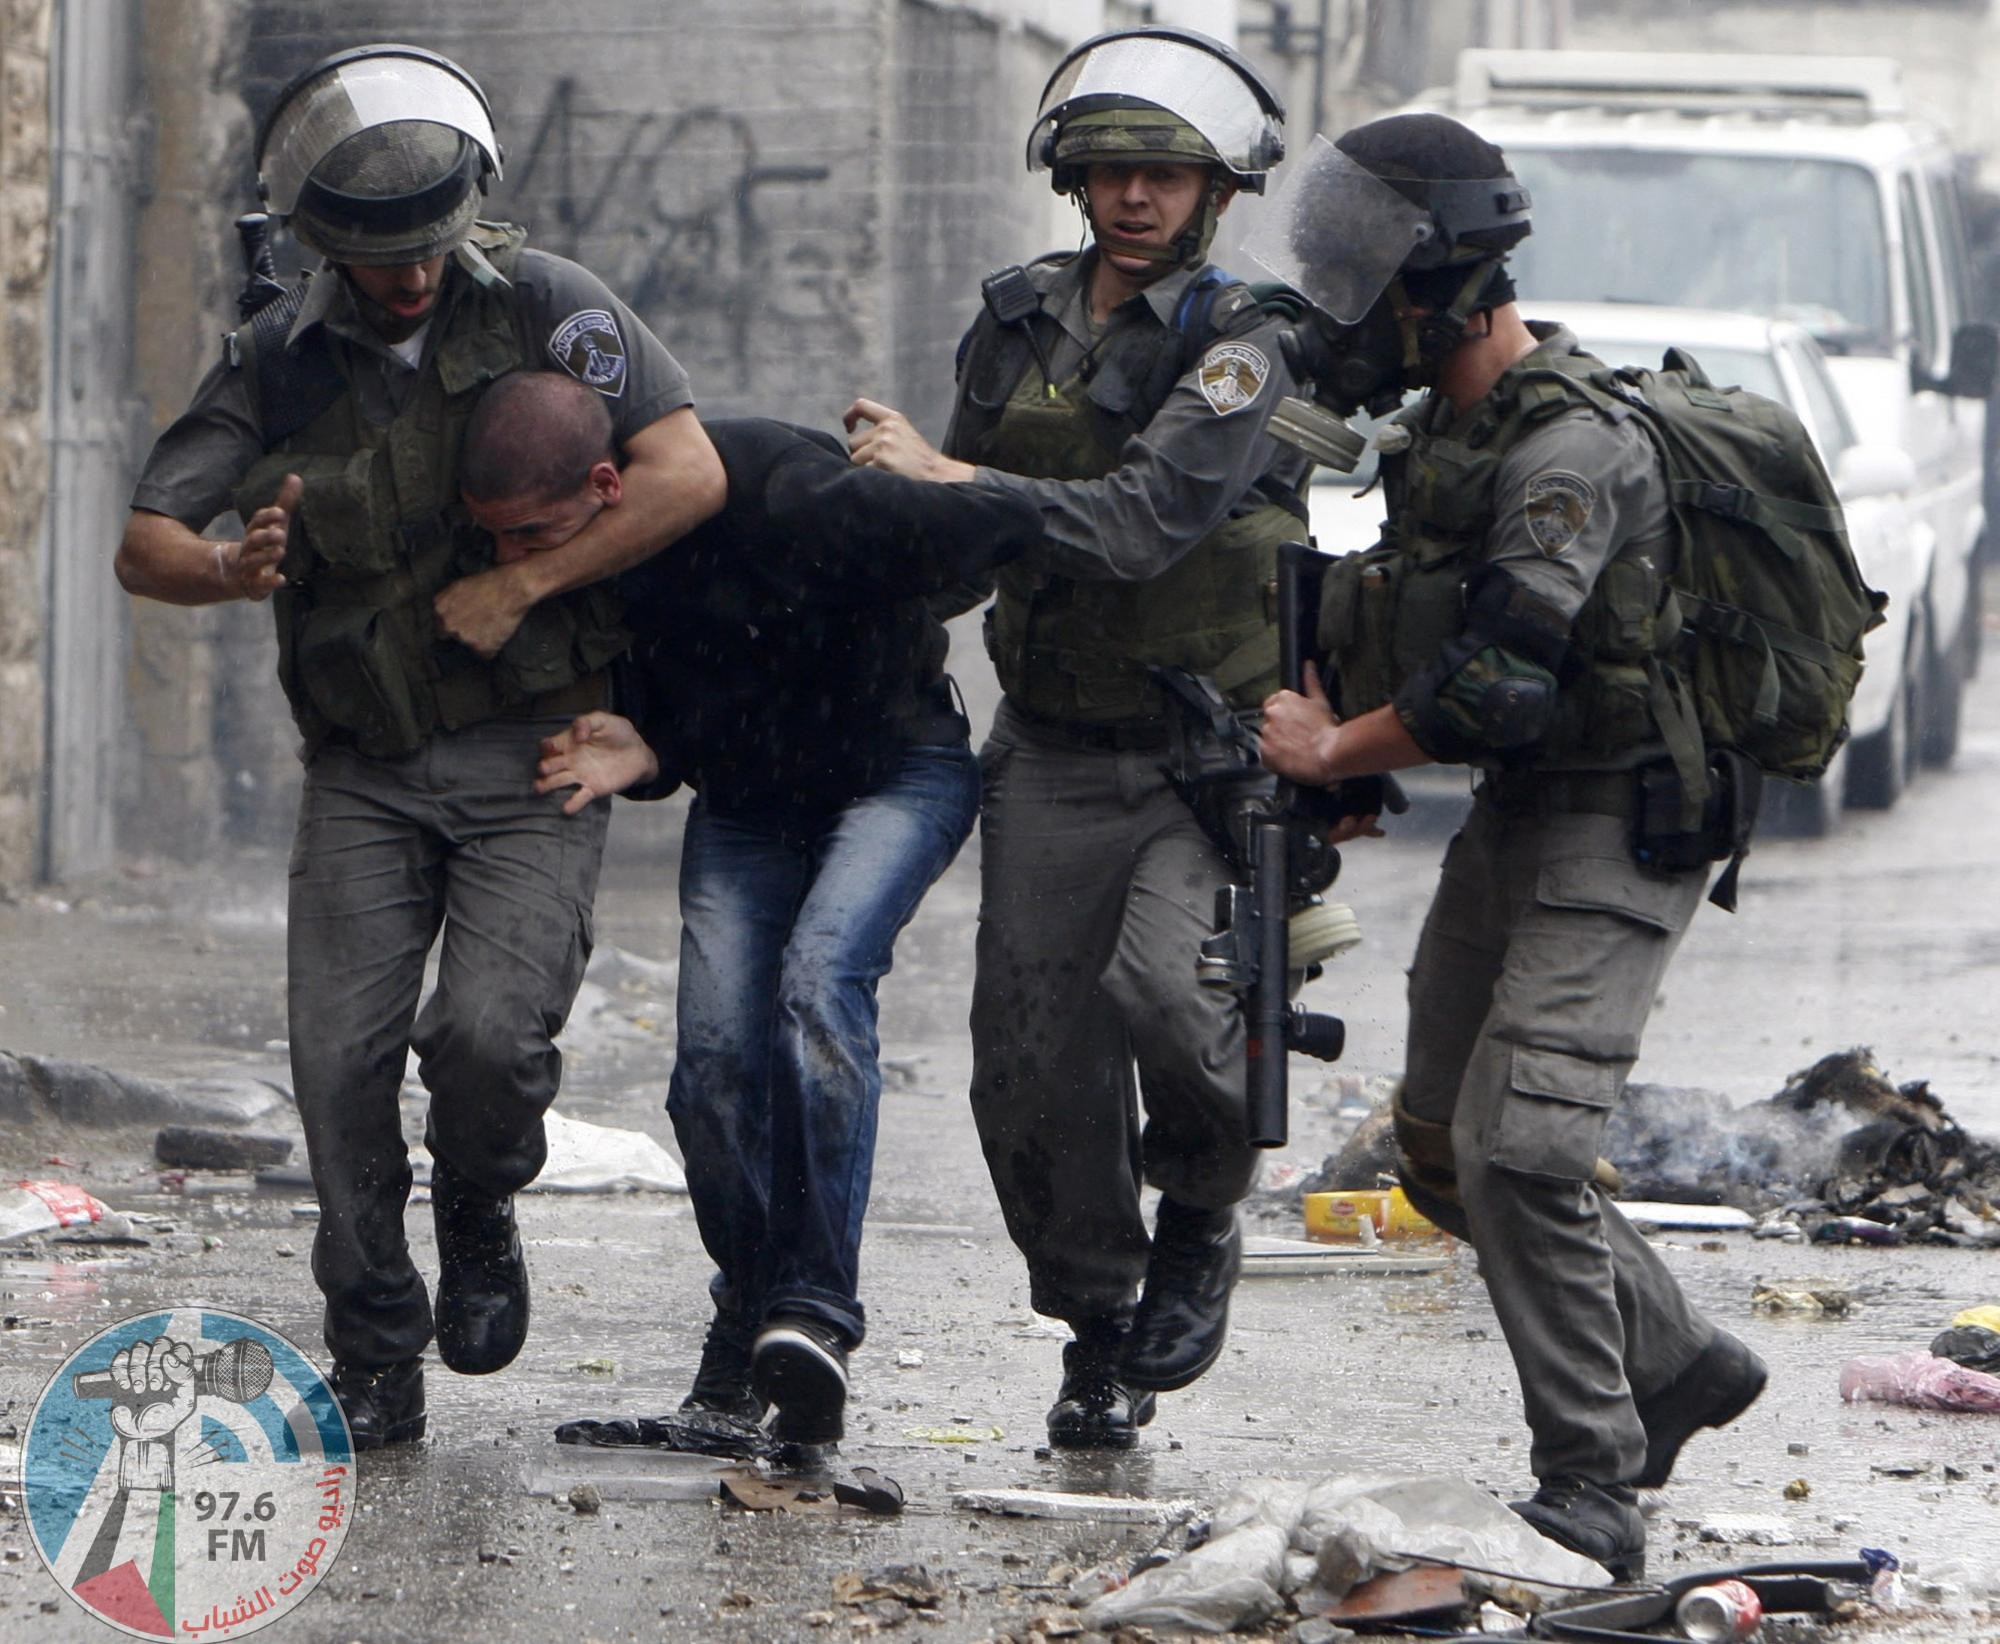 الاحتلال يعتقل شابا خلال مواجهات على المدخل الشمالي لبيت لحم